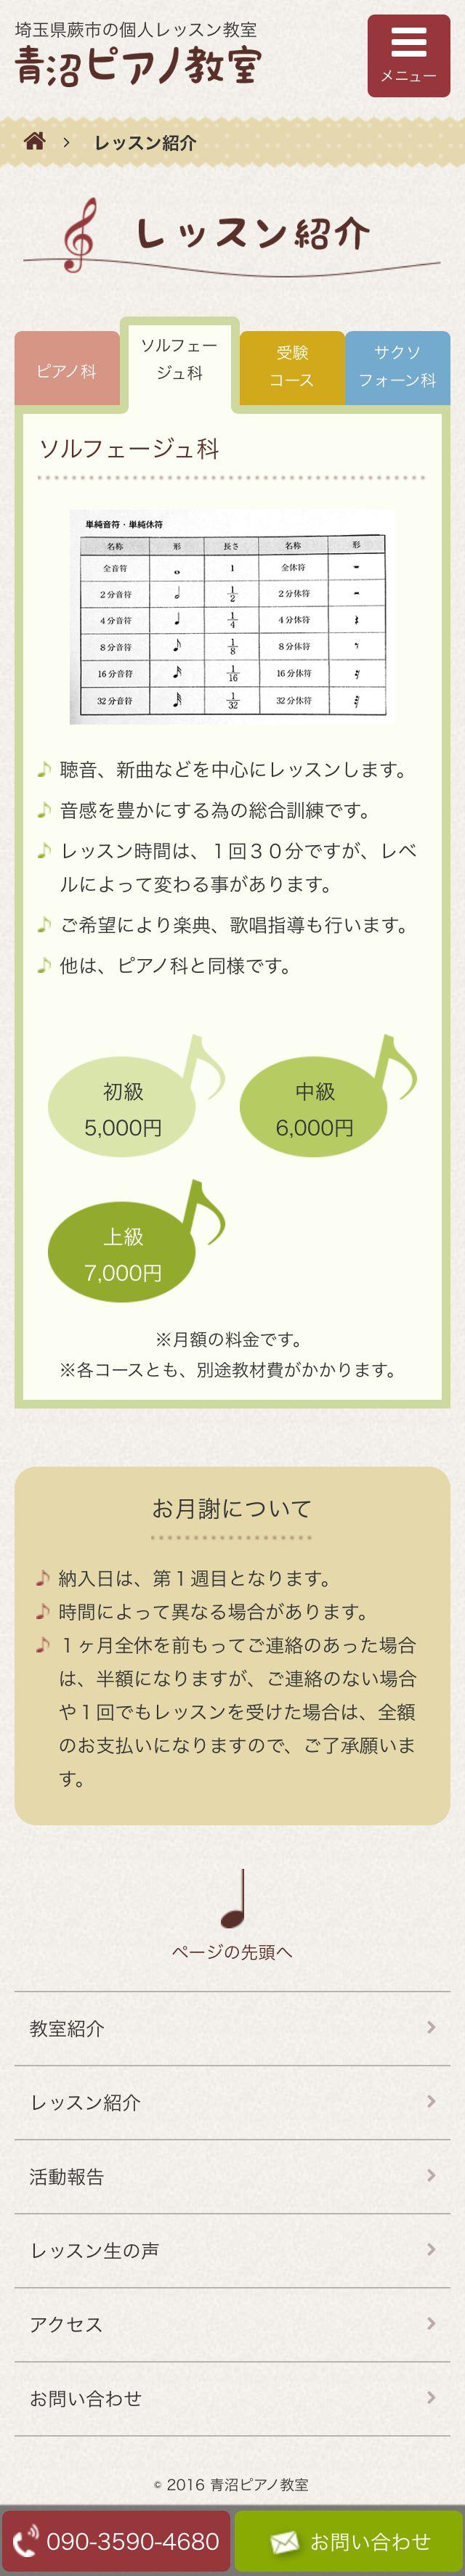 レッスン紹介 - 青沼ピアノ教室 (SP)